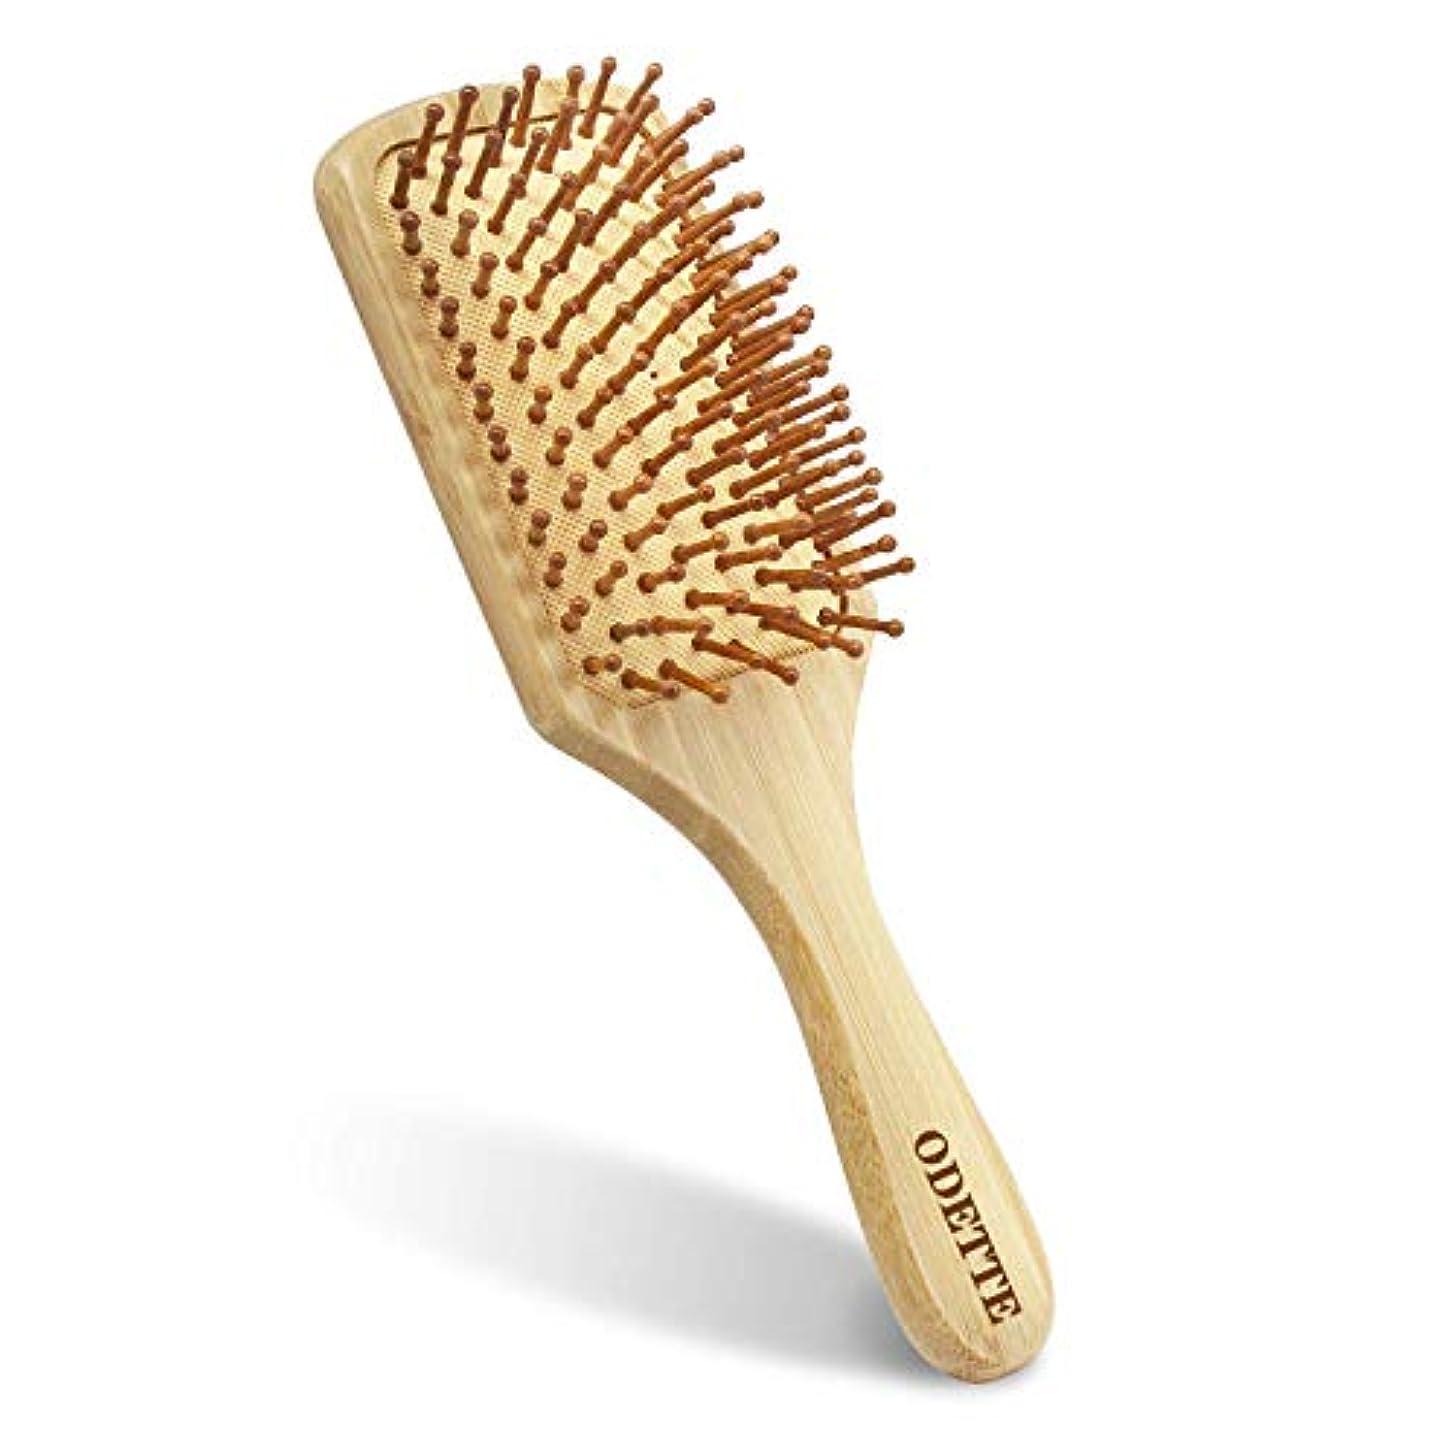 消毒する悪意のある称賛Odette ヘアブラシ 竹製櫛 ヘアケアブラシくし ヘアケア 頭皮&肩マッサージ 血行促進 静電気防止 握りやすい 人間工学 美髪ケア 頭皮に優しい メンズ レディースに適用 (大)